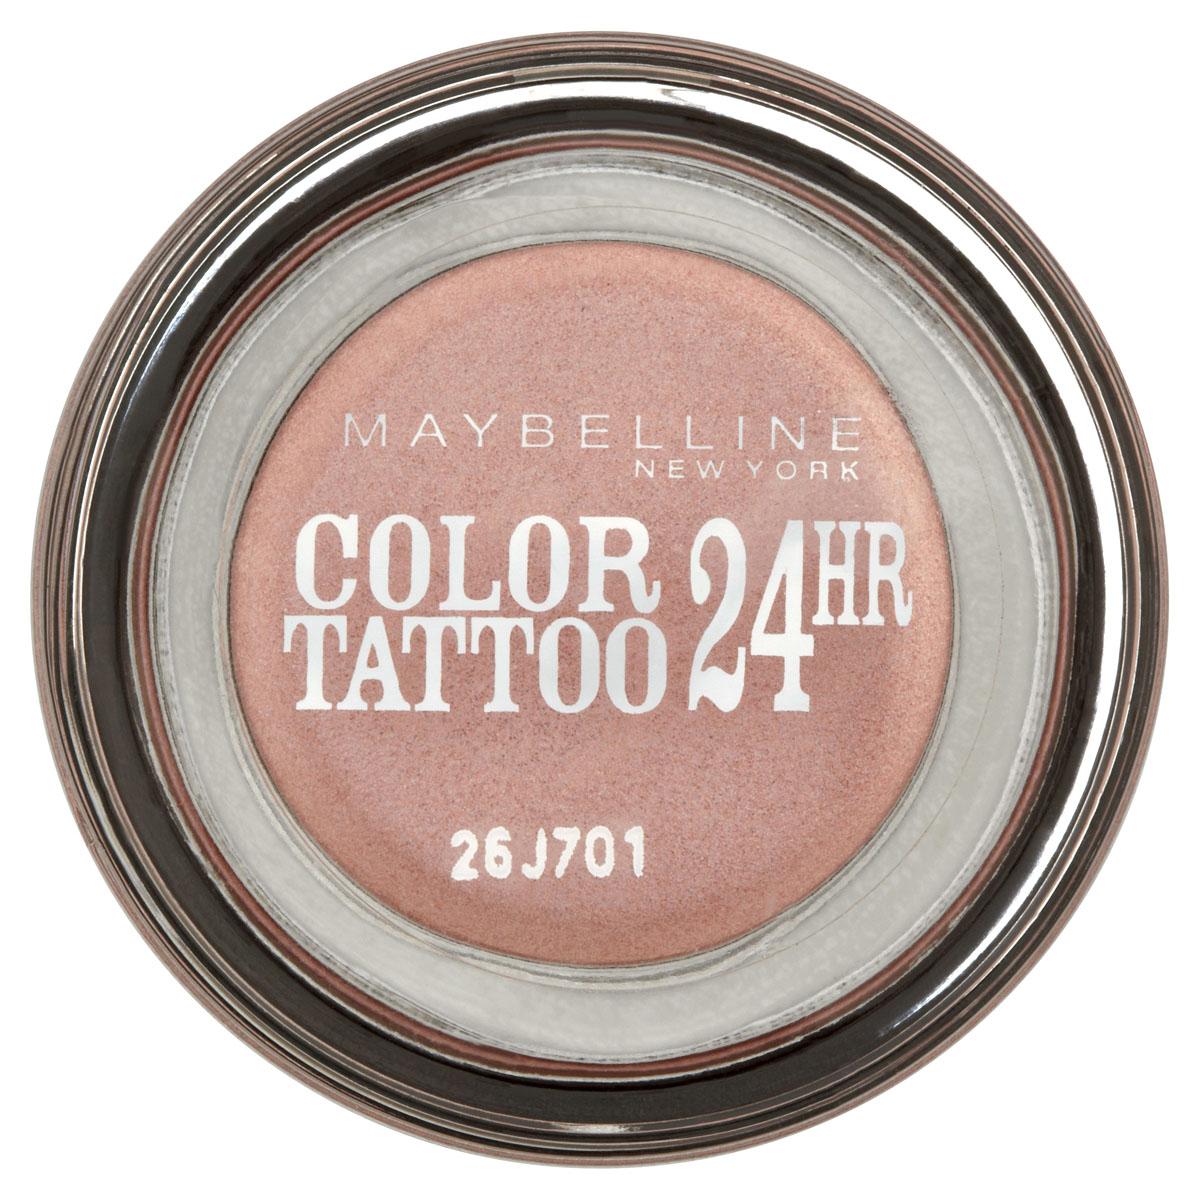 Maybelline New York Тени для век Color Tattoo 24 часа, оттенок 65, Розовое золото, 3,5 млPMF3000Технология тату-пигментов создает яркий, супернасыщенный цвет. Крем-гелевая текстура обеспечивает ультралегкое нанесение и стойкость на 24 часа.12 оттенков